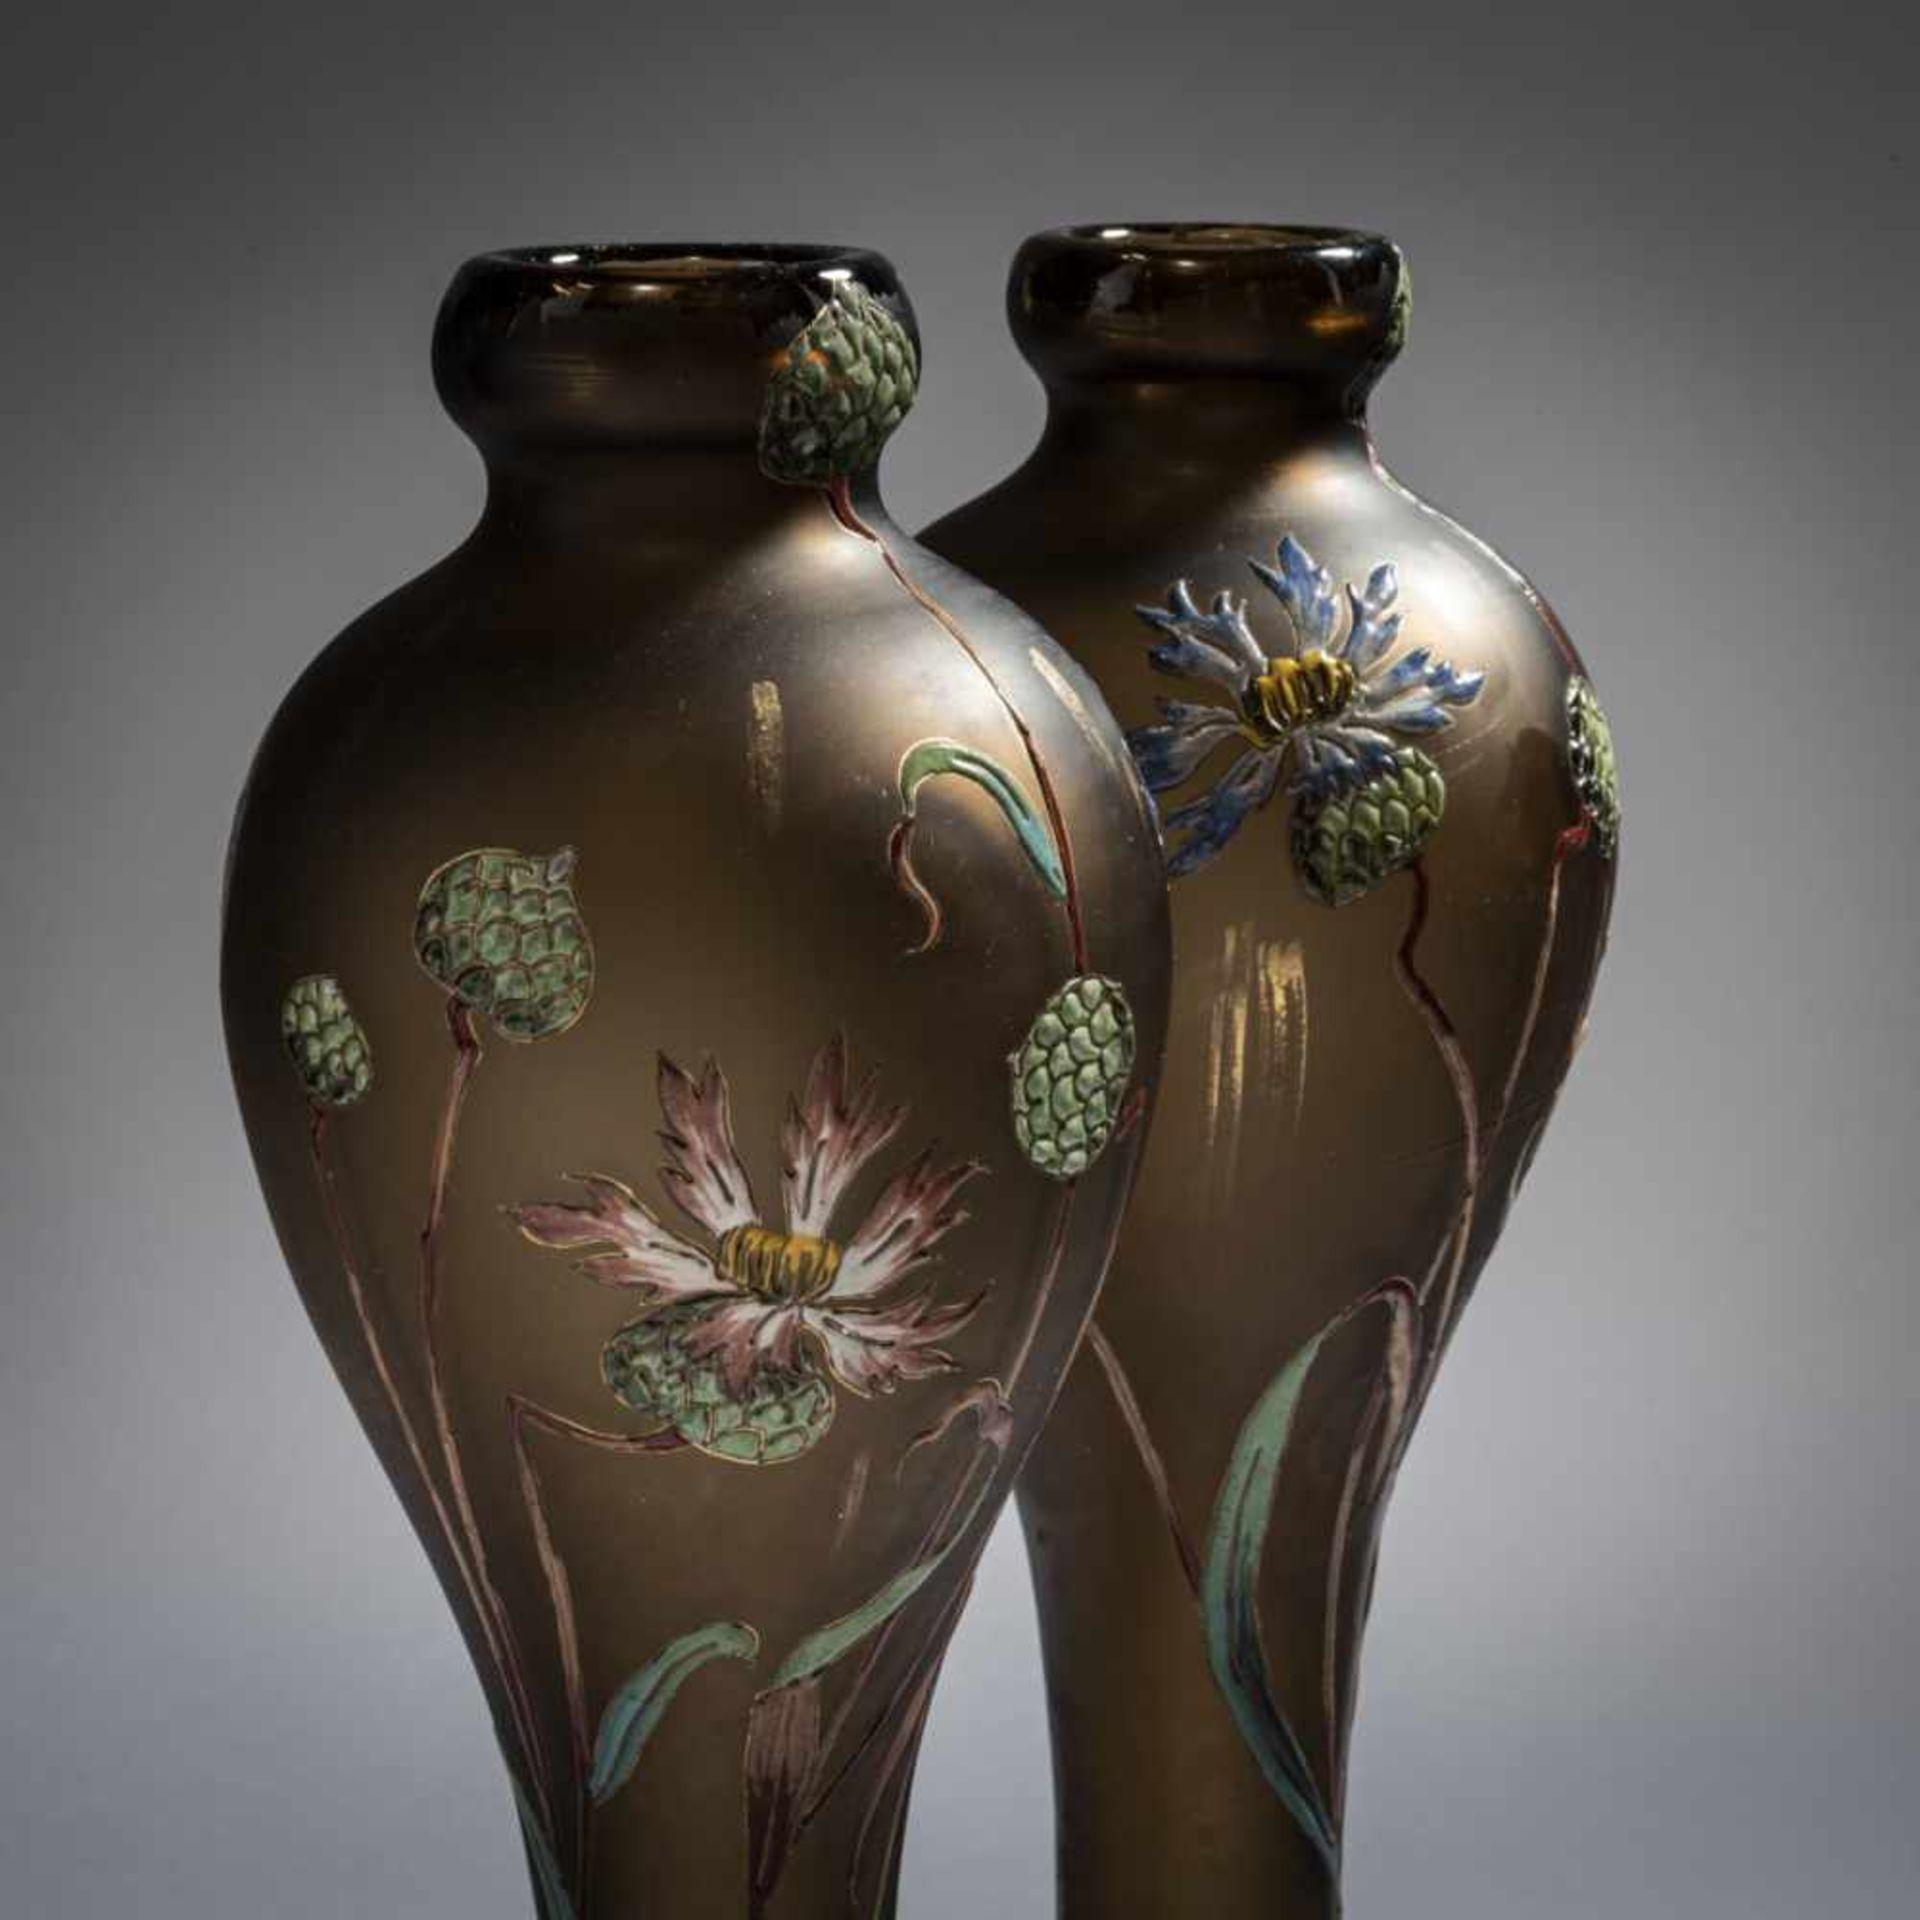 Verrerie d'Art de Lorraine, Burgun Schverer & Cie., Meisenthal, Pair of vases 'Bleuets', c. 1895- - Bild 9 aus 13